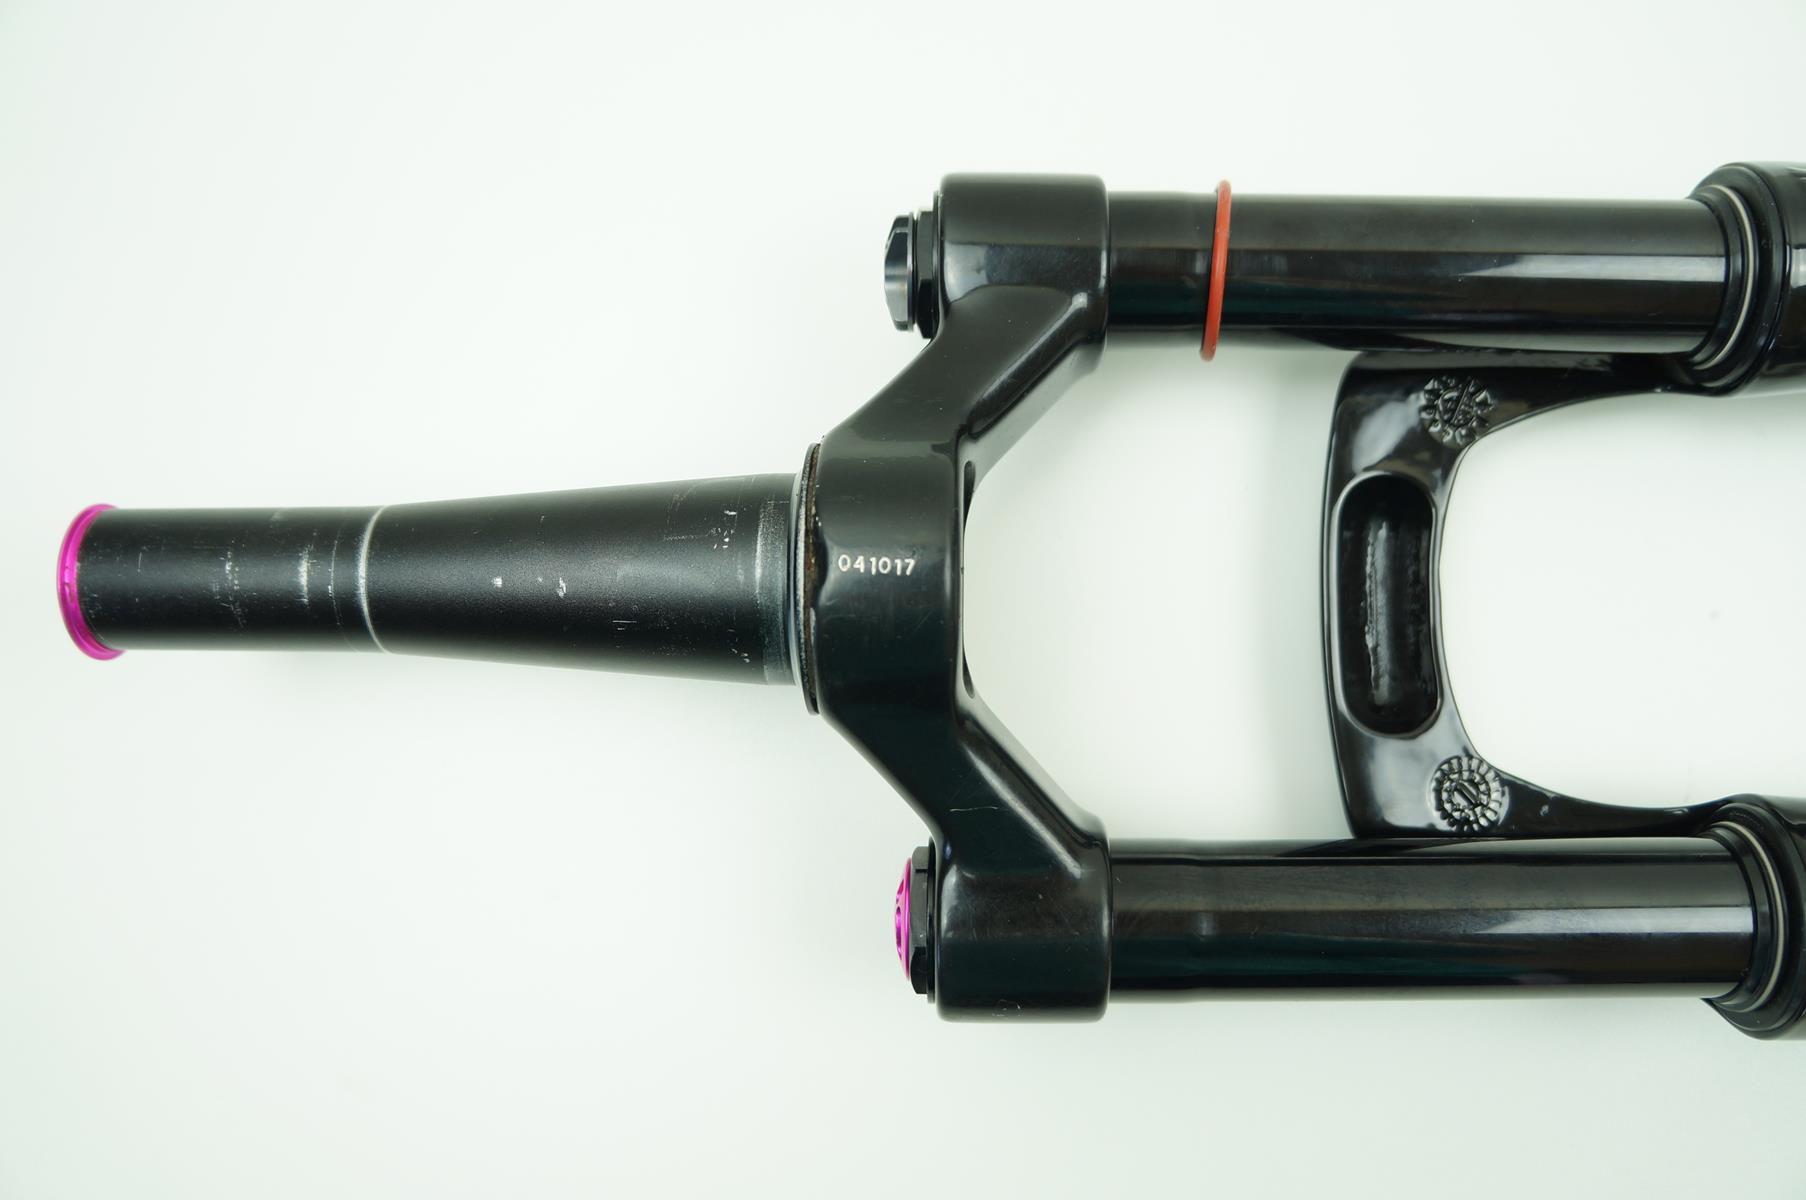 Suspensão Proshock Viber 29 Cônica 100mm Eixo 9mm Preta Ahead Set Pink - USADO